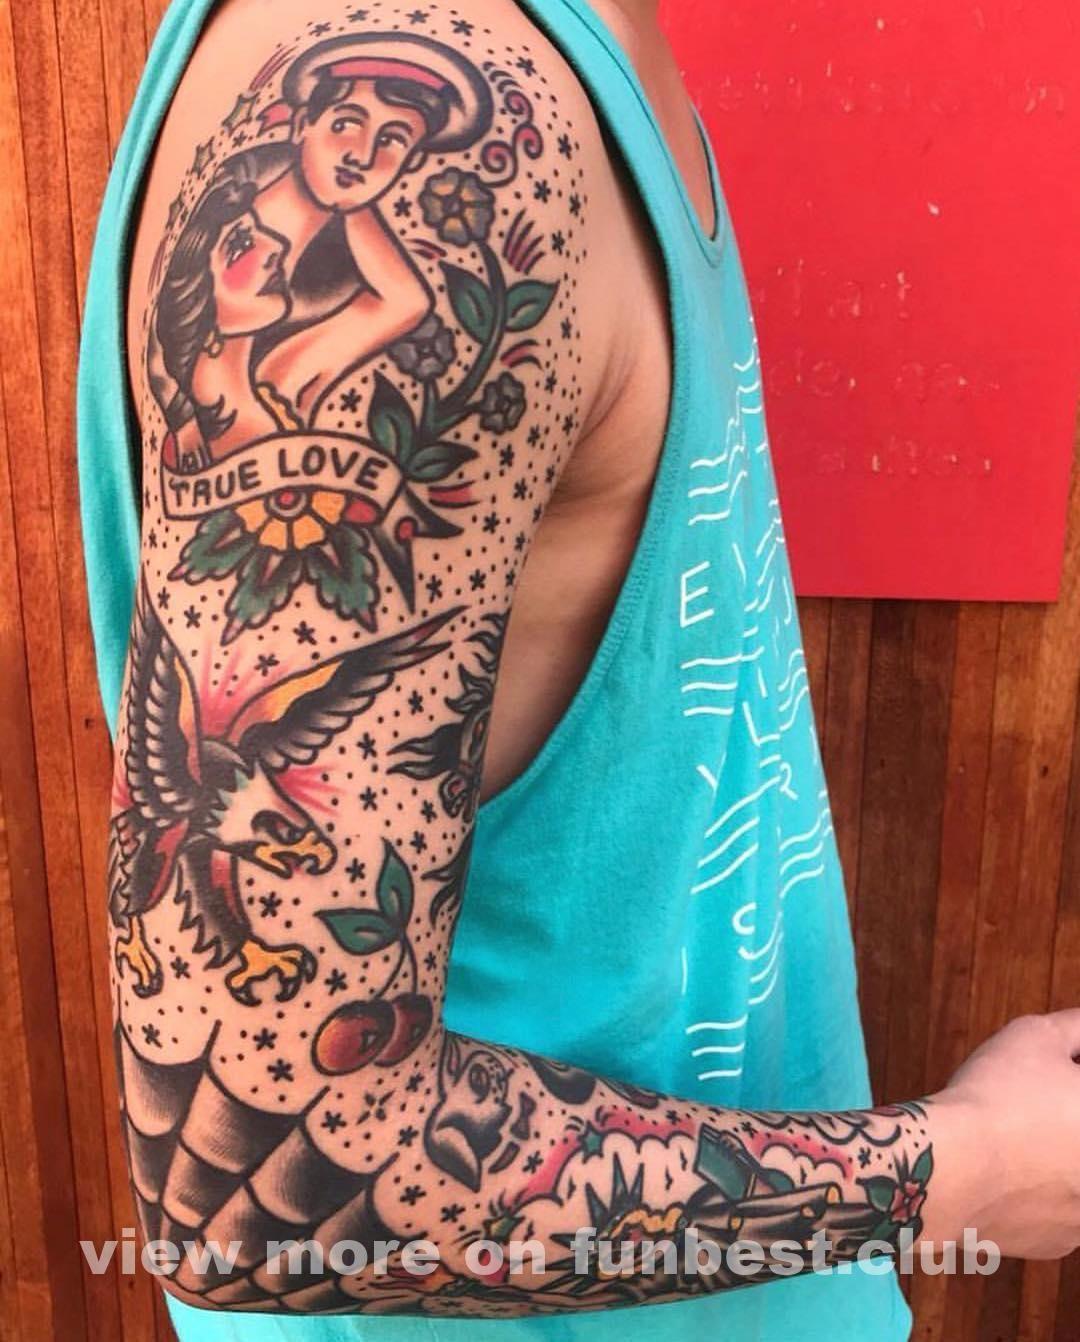 Tattoo By Needles Tattooi Traditional Tattoo Old School Tattoo Sleeve Traditional Tattoo Sleeve